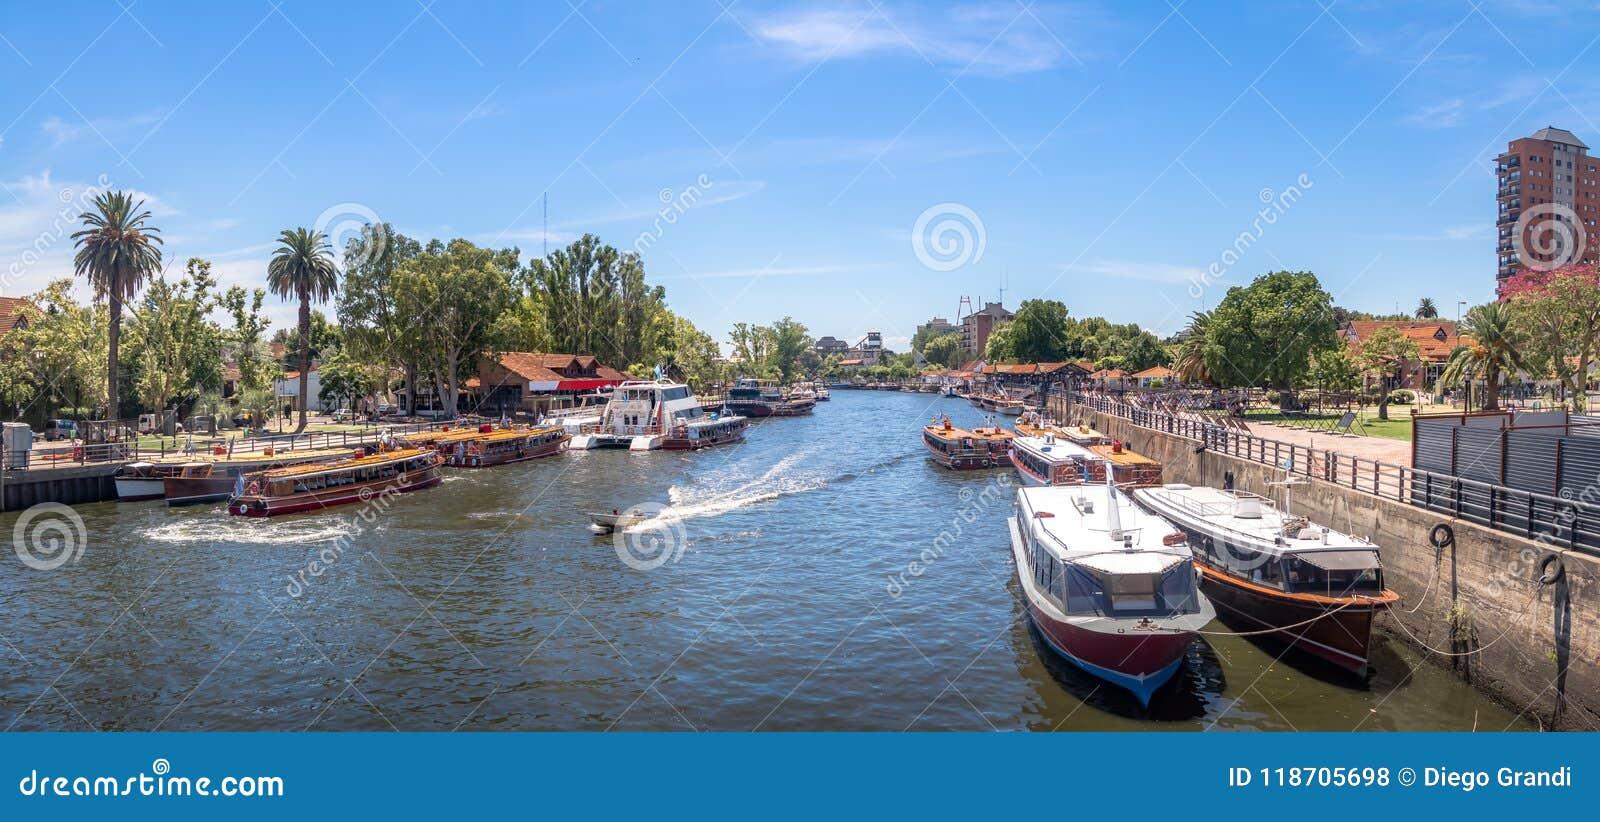 Vista panoramica delle barche al fiume di Tigre - Tigre, Buenos Aires, Argentina